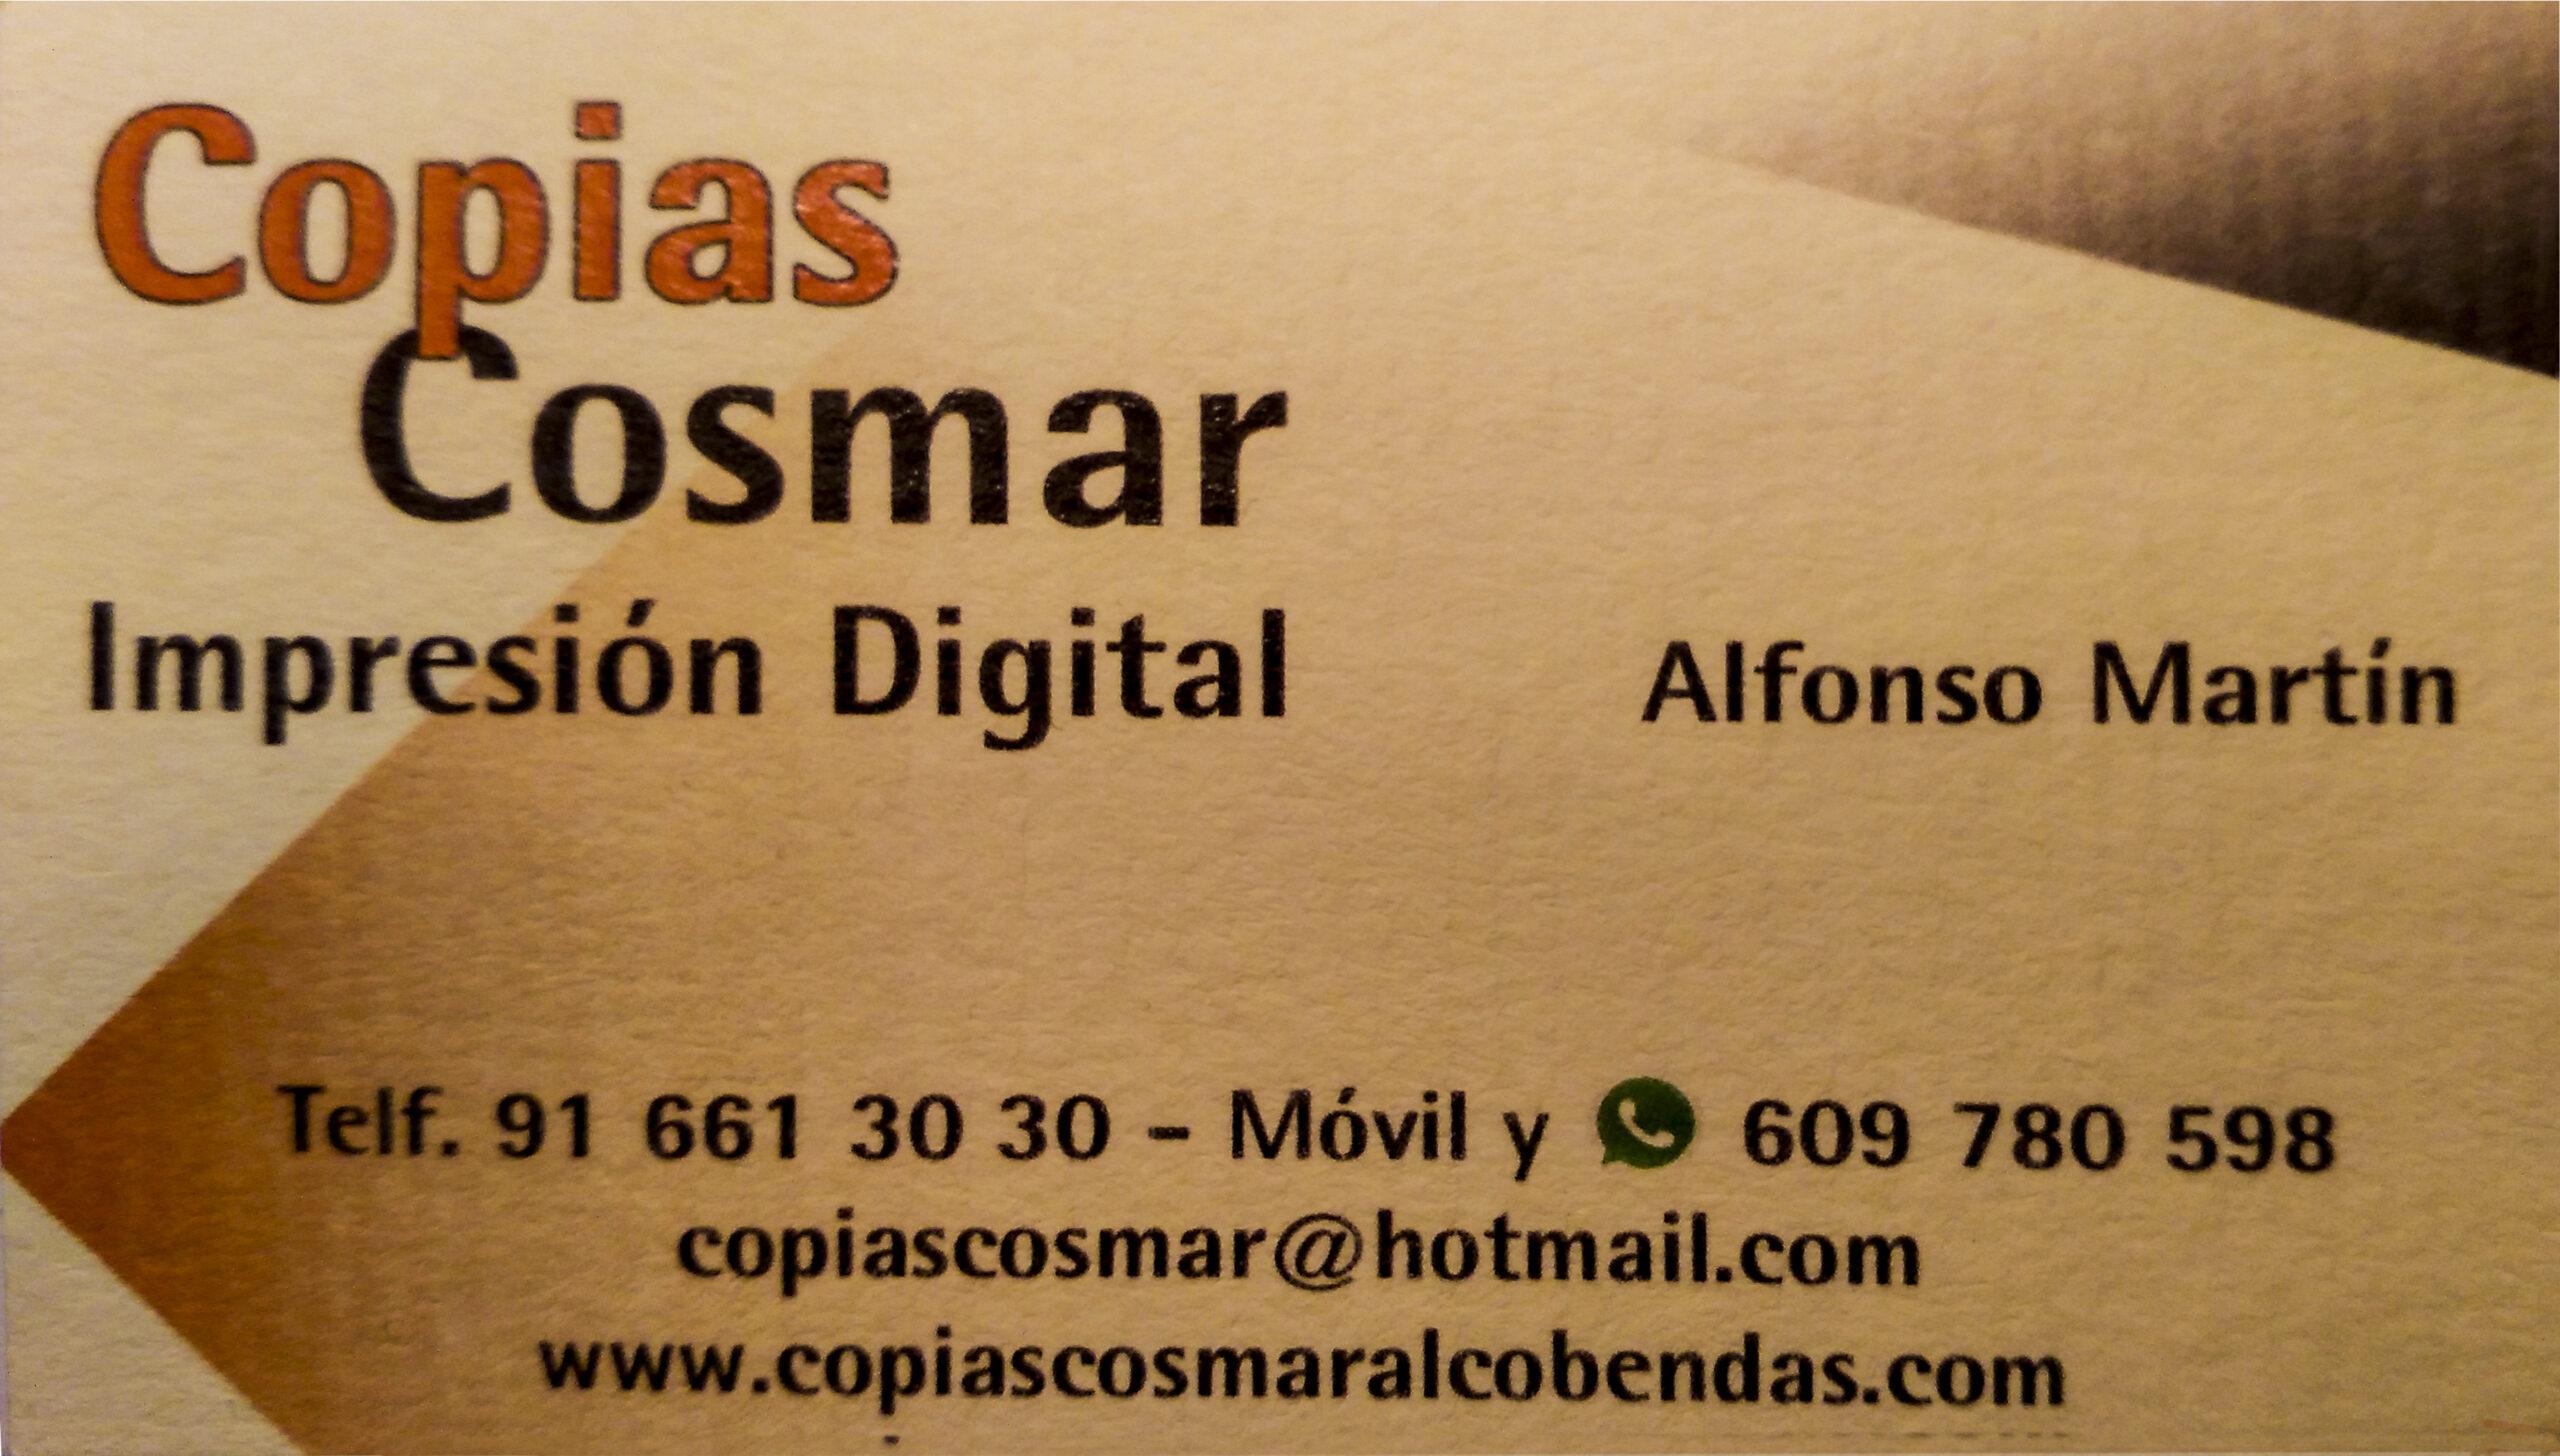 Copias Cosmar – Pº de la Chopera, 202 28100-Alcobendas (Madrid) Impresión Digital con calidad fotográfica muy económica.  Descuentos a Socios de la AFSSR.